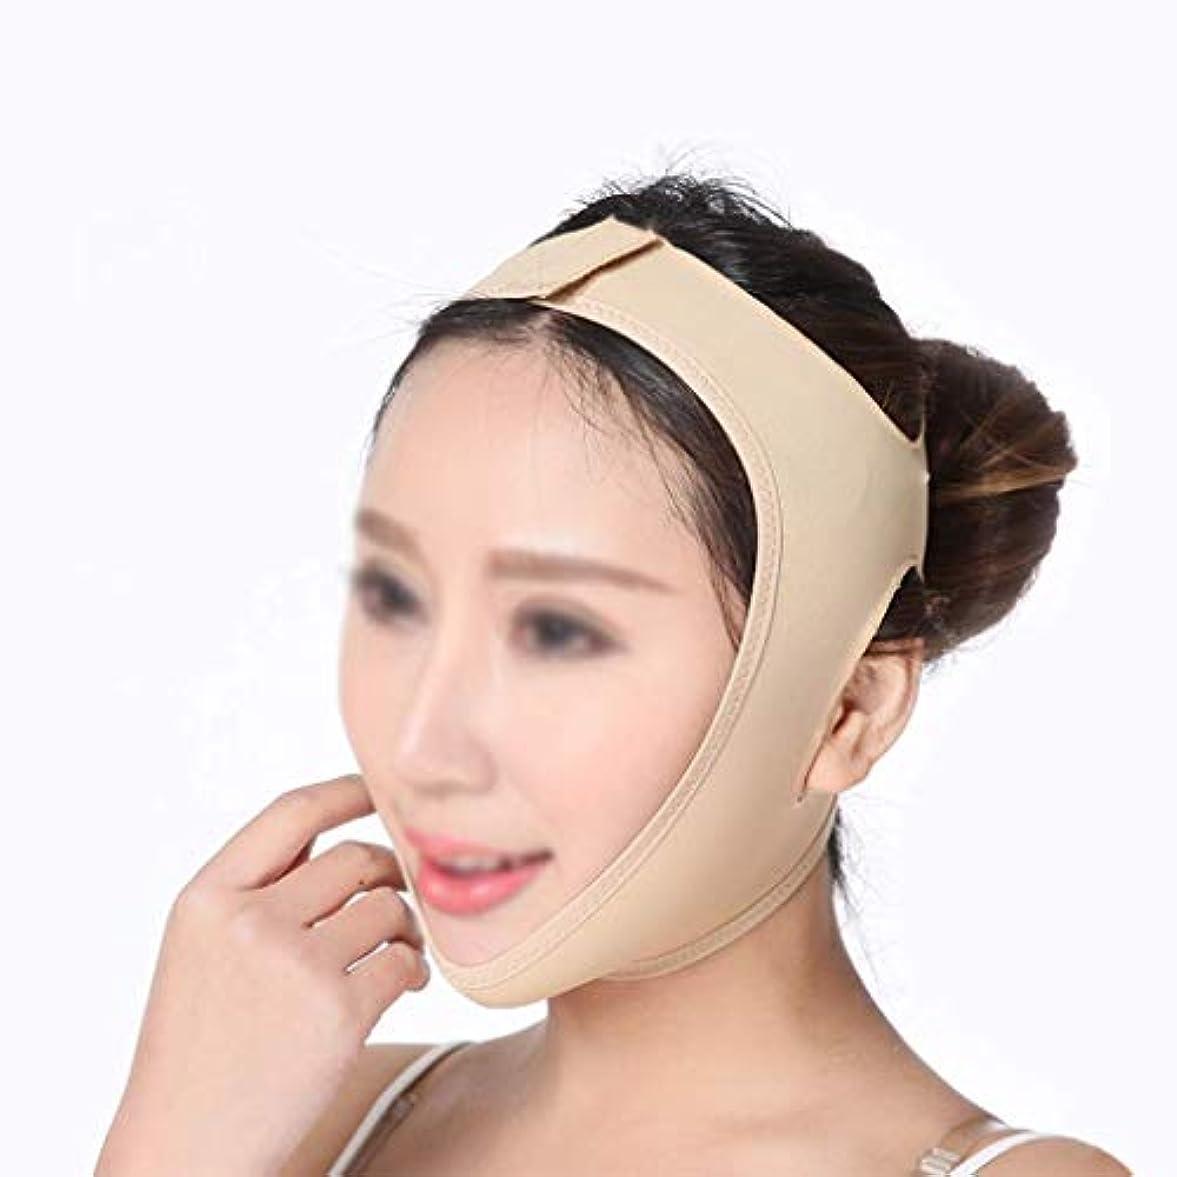 誰の句包帯フェイシャルチークリフティングマスク、ダブルチンとフェイスを効果的に改善、フェイスリフト包帯、ダブルチンを減らす(サイズ:L),M